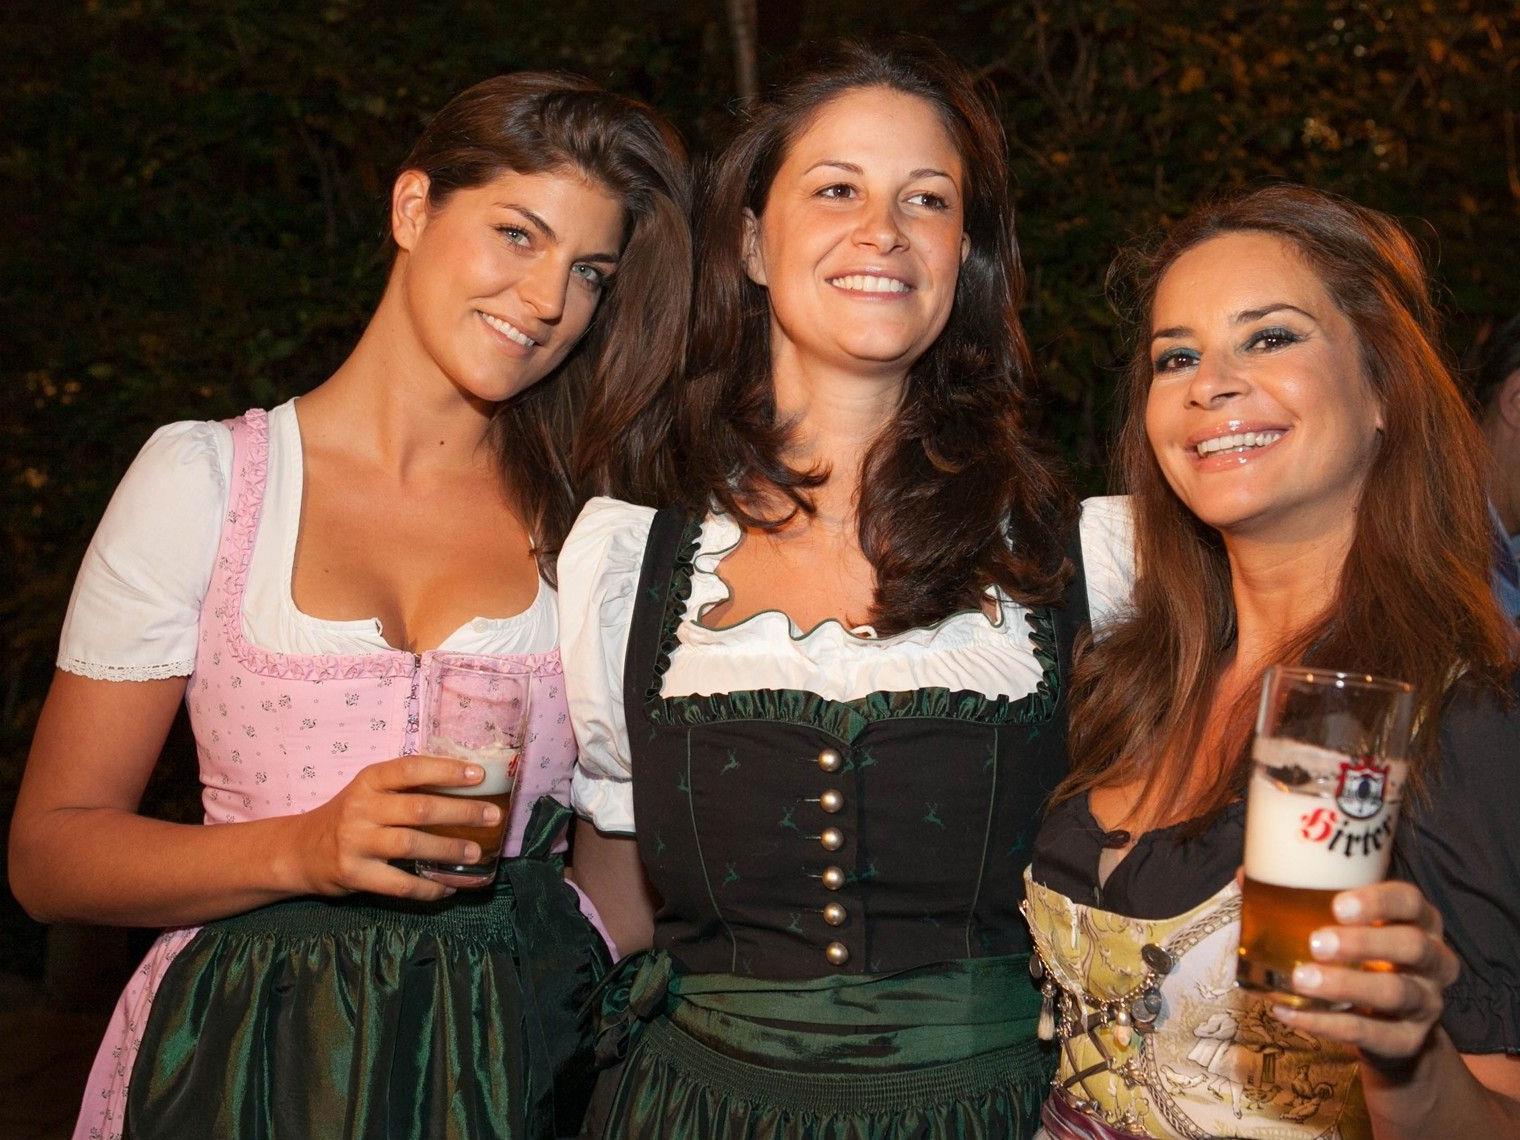 Anna huber und Gitta Saxx feierten bei der Moser Milani Weißwurstparty mit.